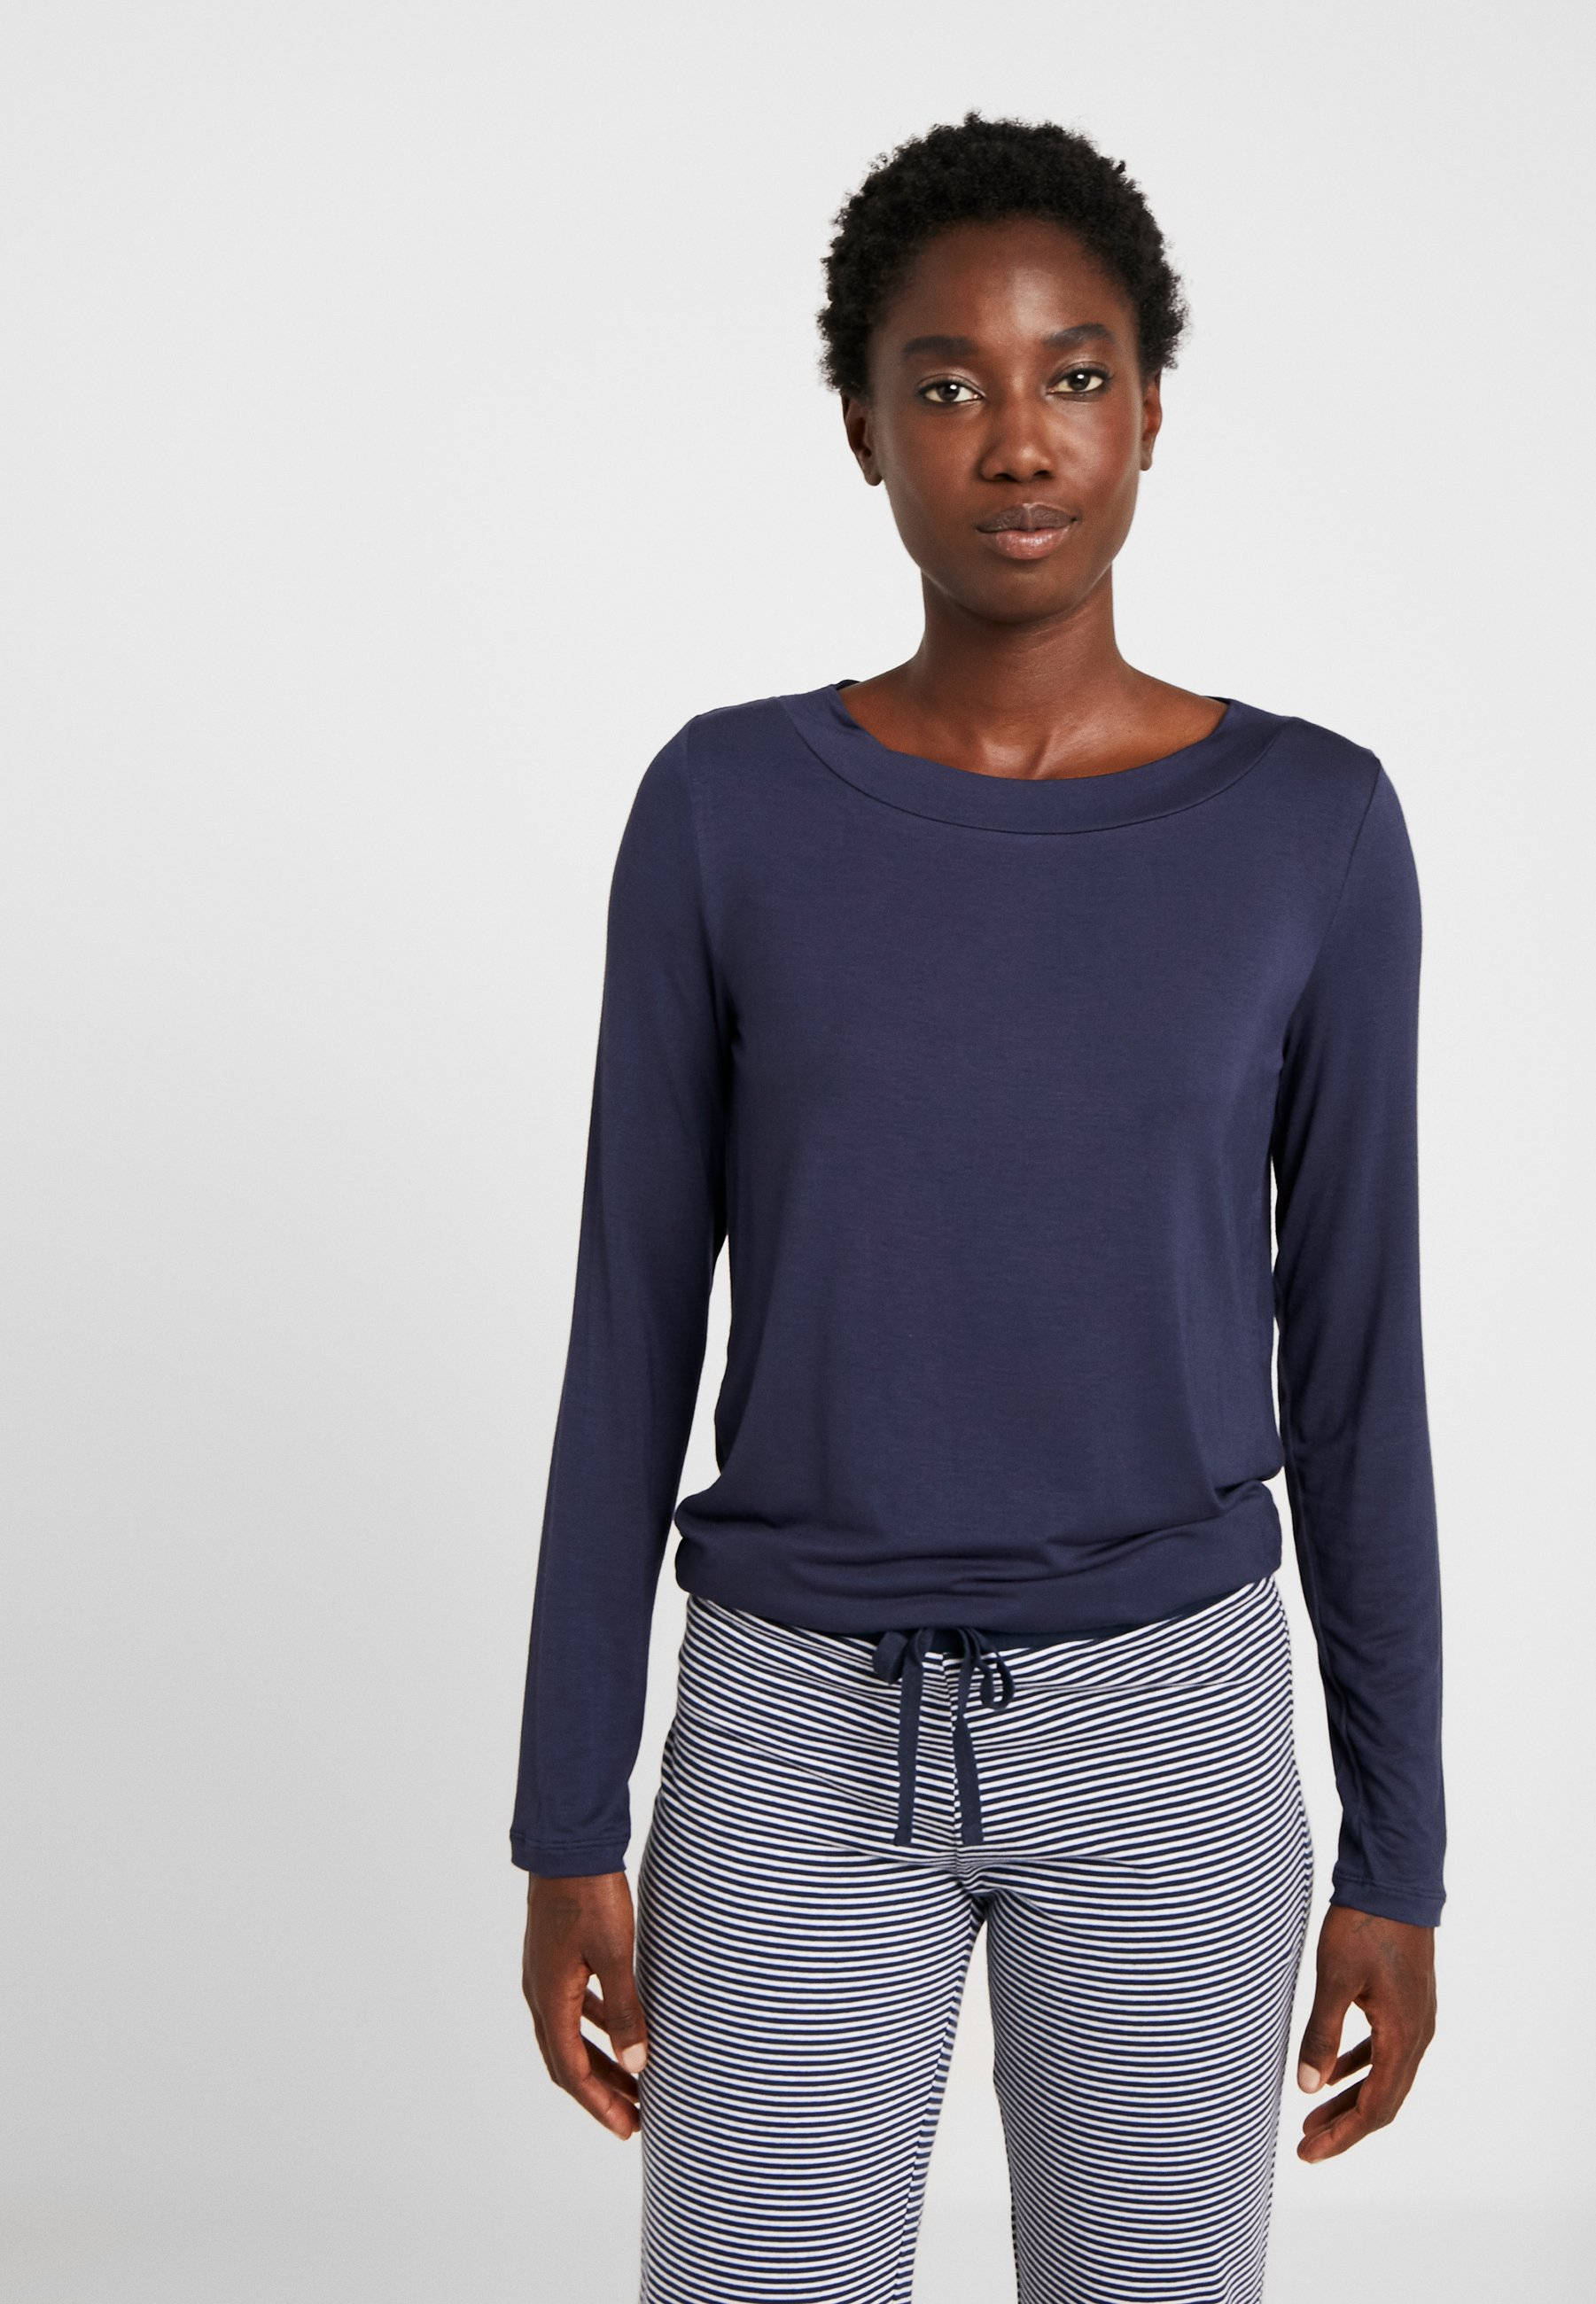 Donna JAYLA SINGLE - Maglia del pigiama